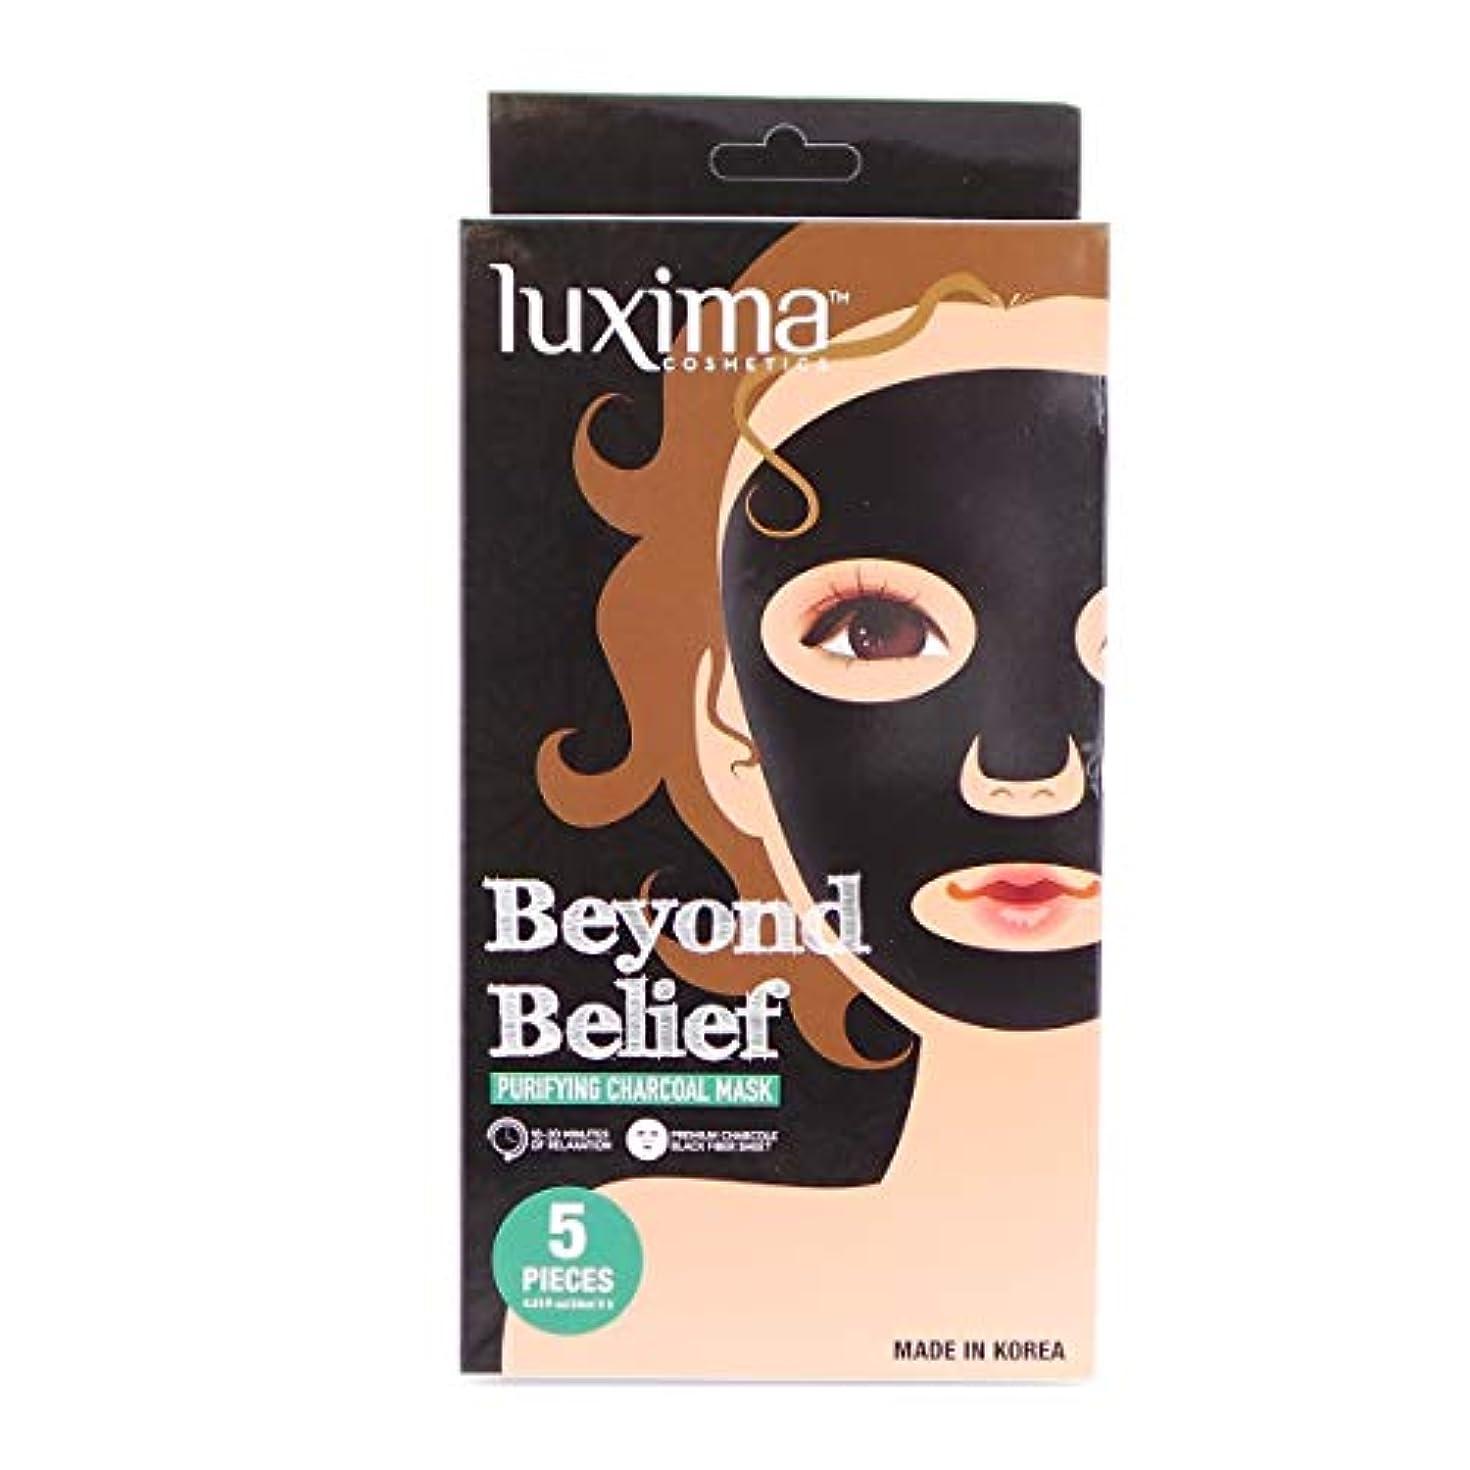 一時解雇するグリットロバ(3 Pack) LUXIMA Beyond Belief Purifying Charcoal Mask, Pack of 5 (並行輸入品)